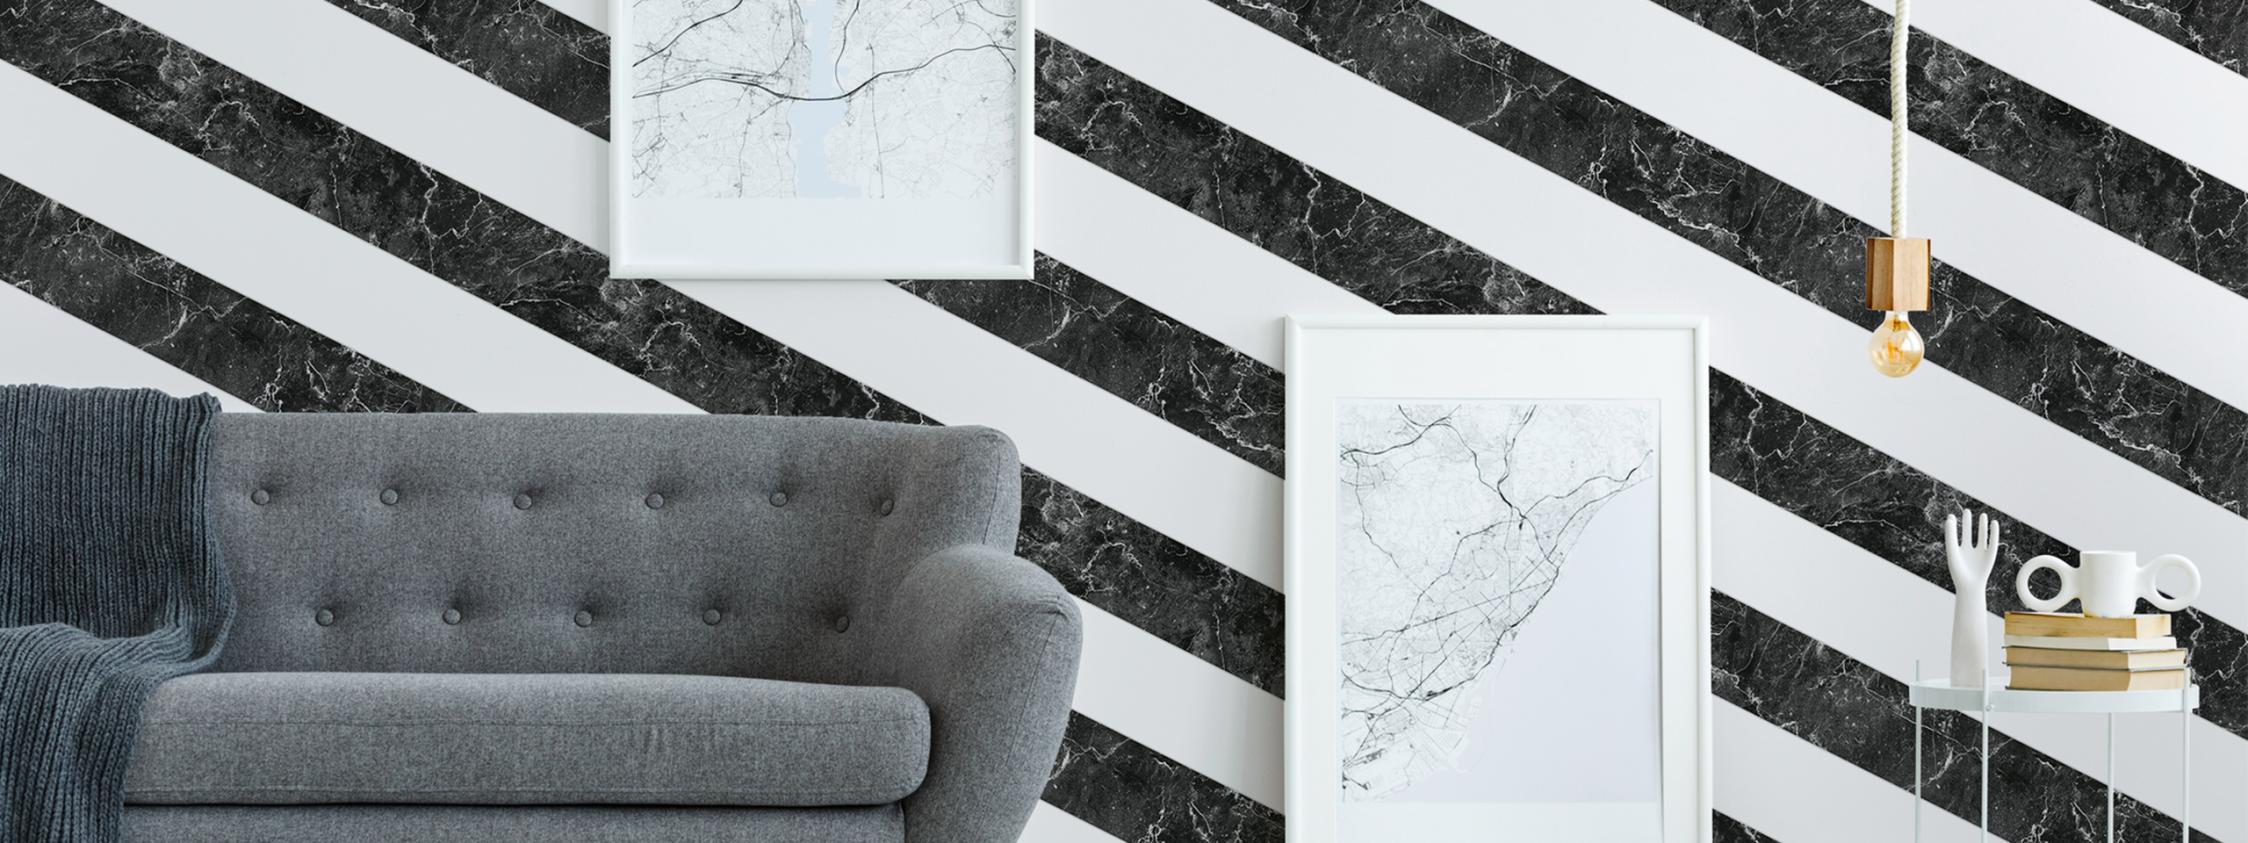 Modernes Wohnzimmer mit gestreifter Marmor Tapete  Artikel AS379921